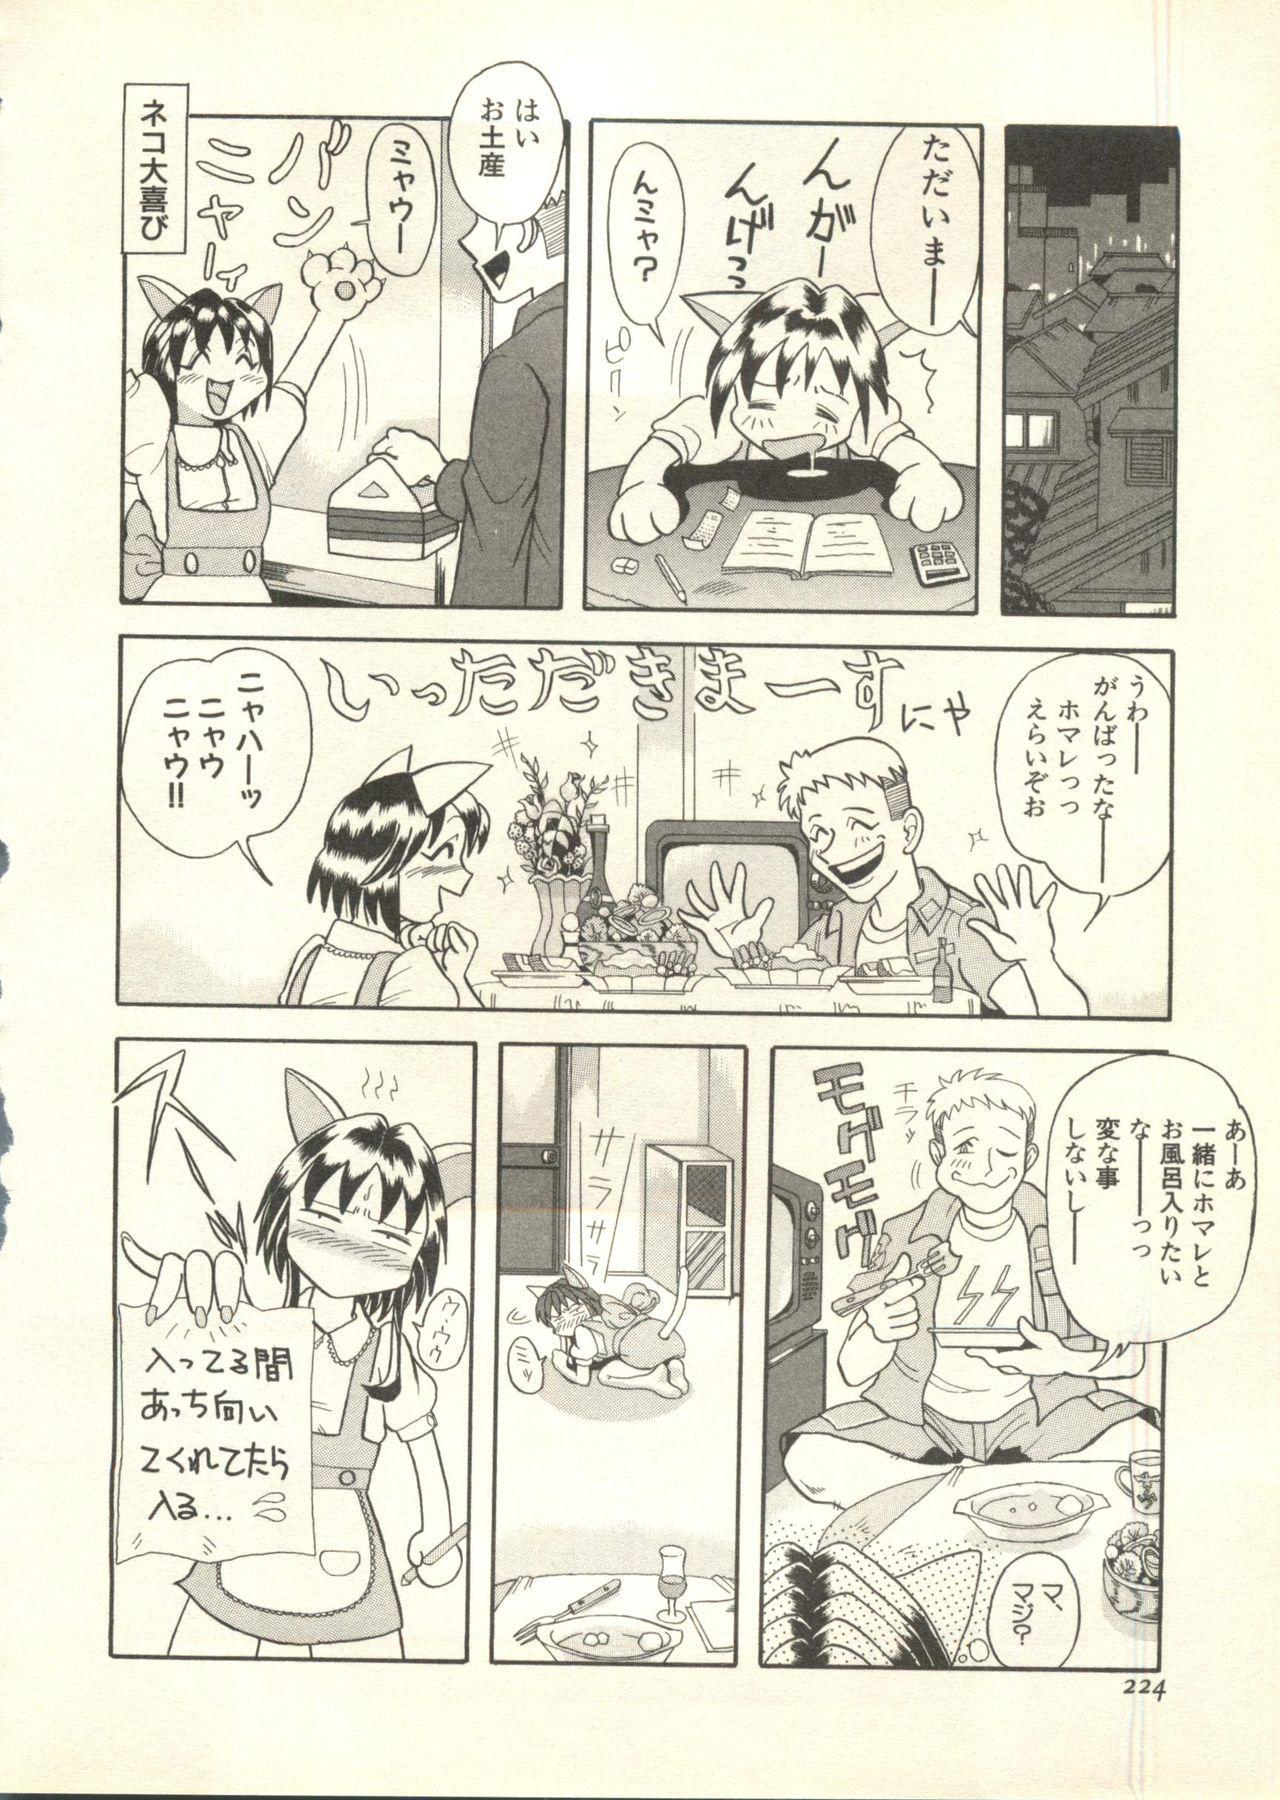 Pai;kuu 1998 July Vol. 11 224